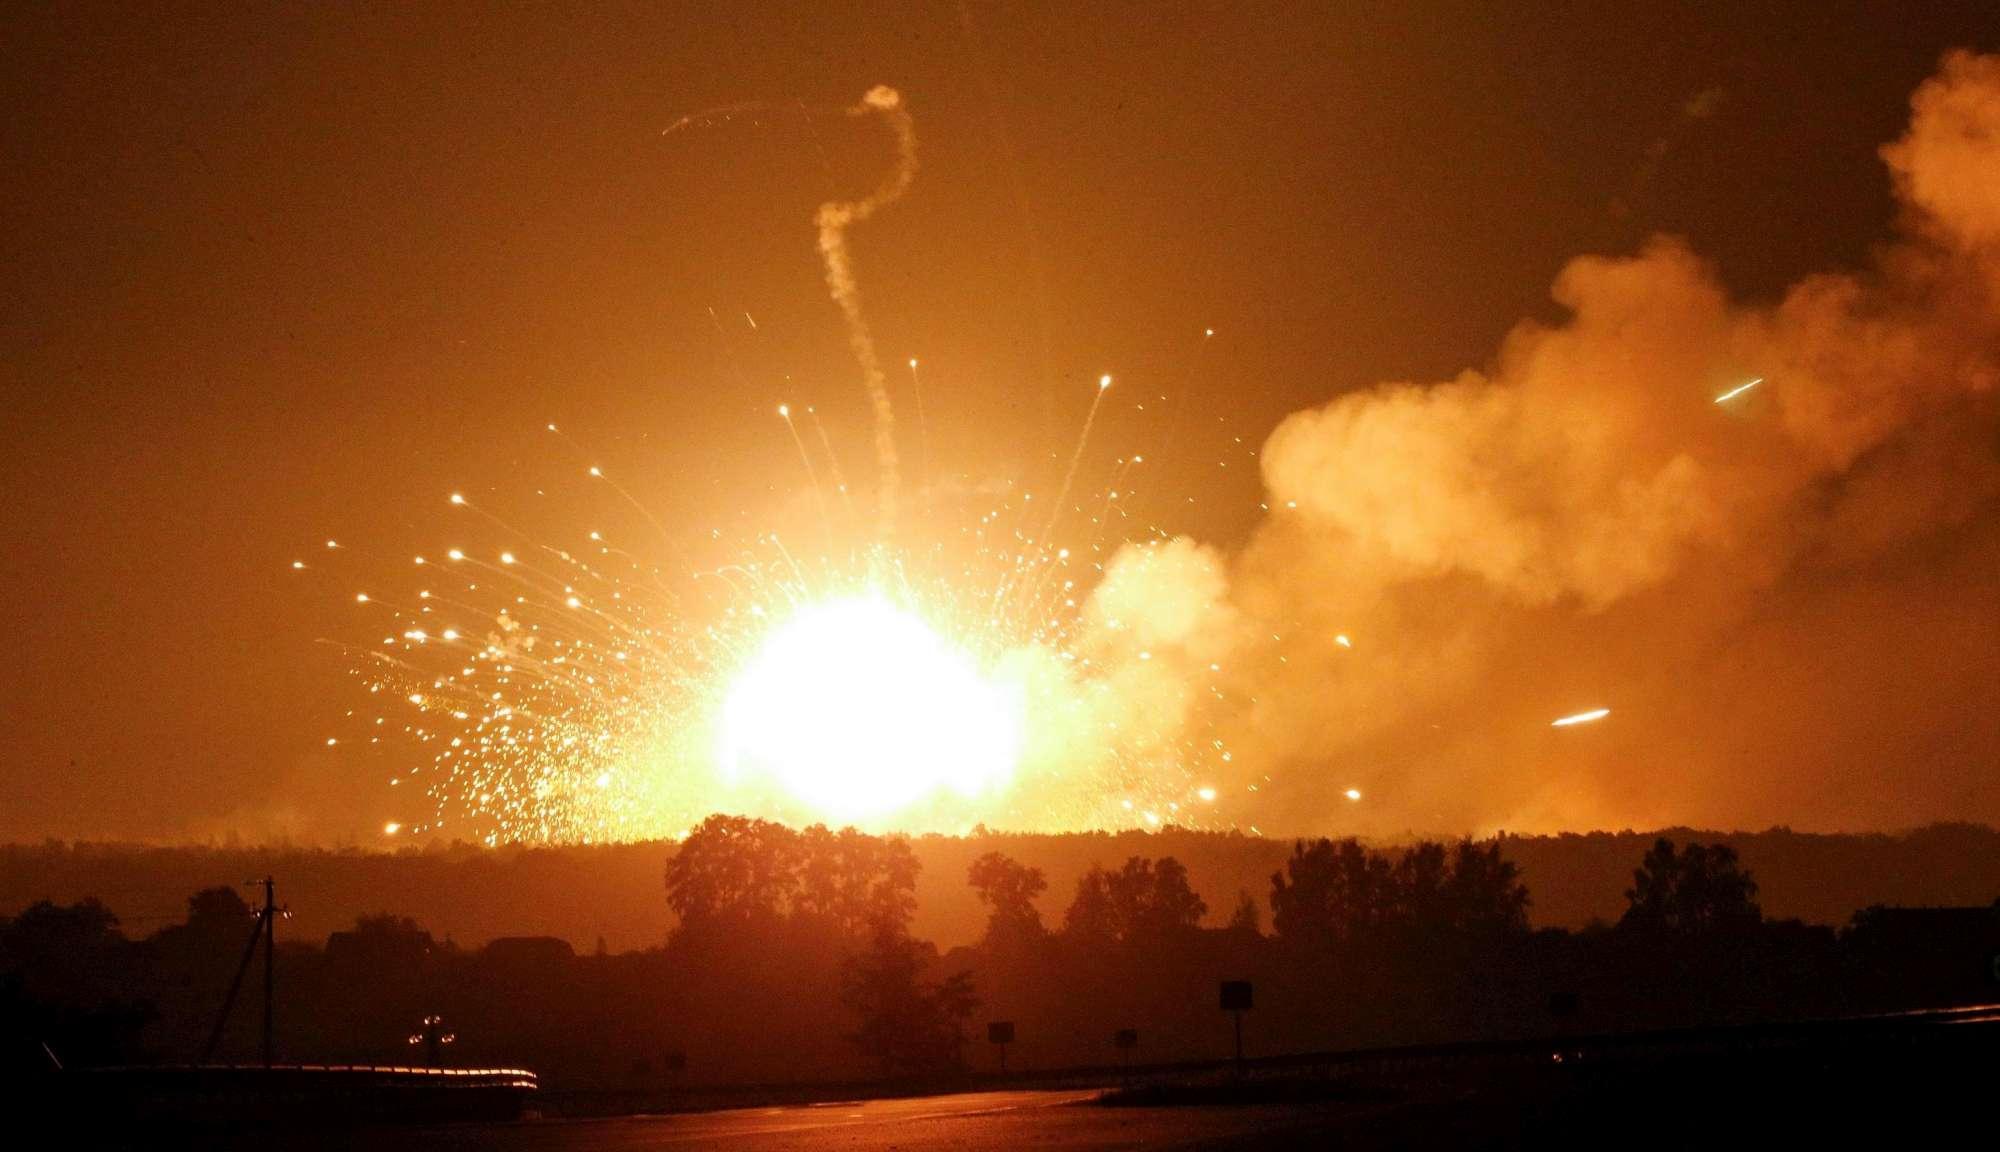 Va a fuoco un deposito di munizioni in Ucraina, 30mila evacuati